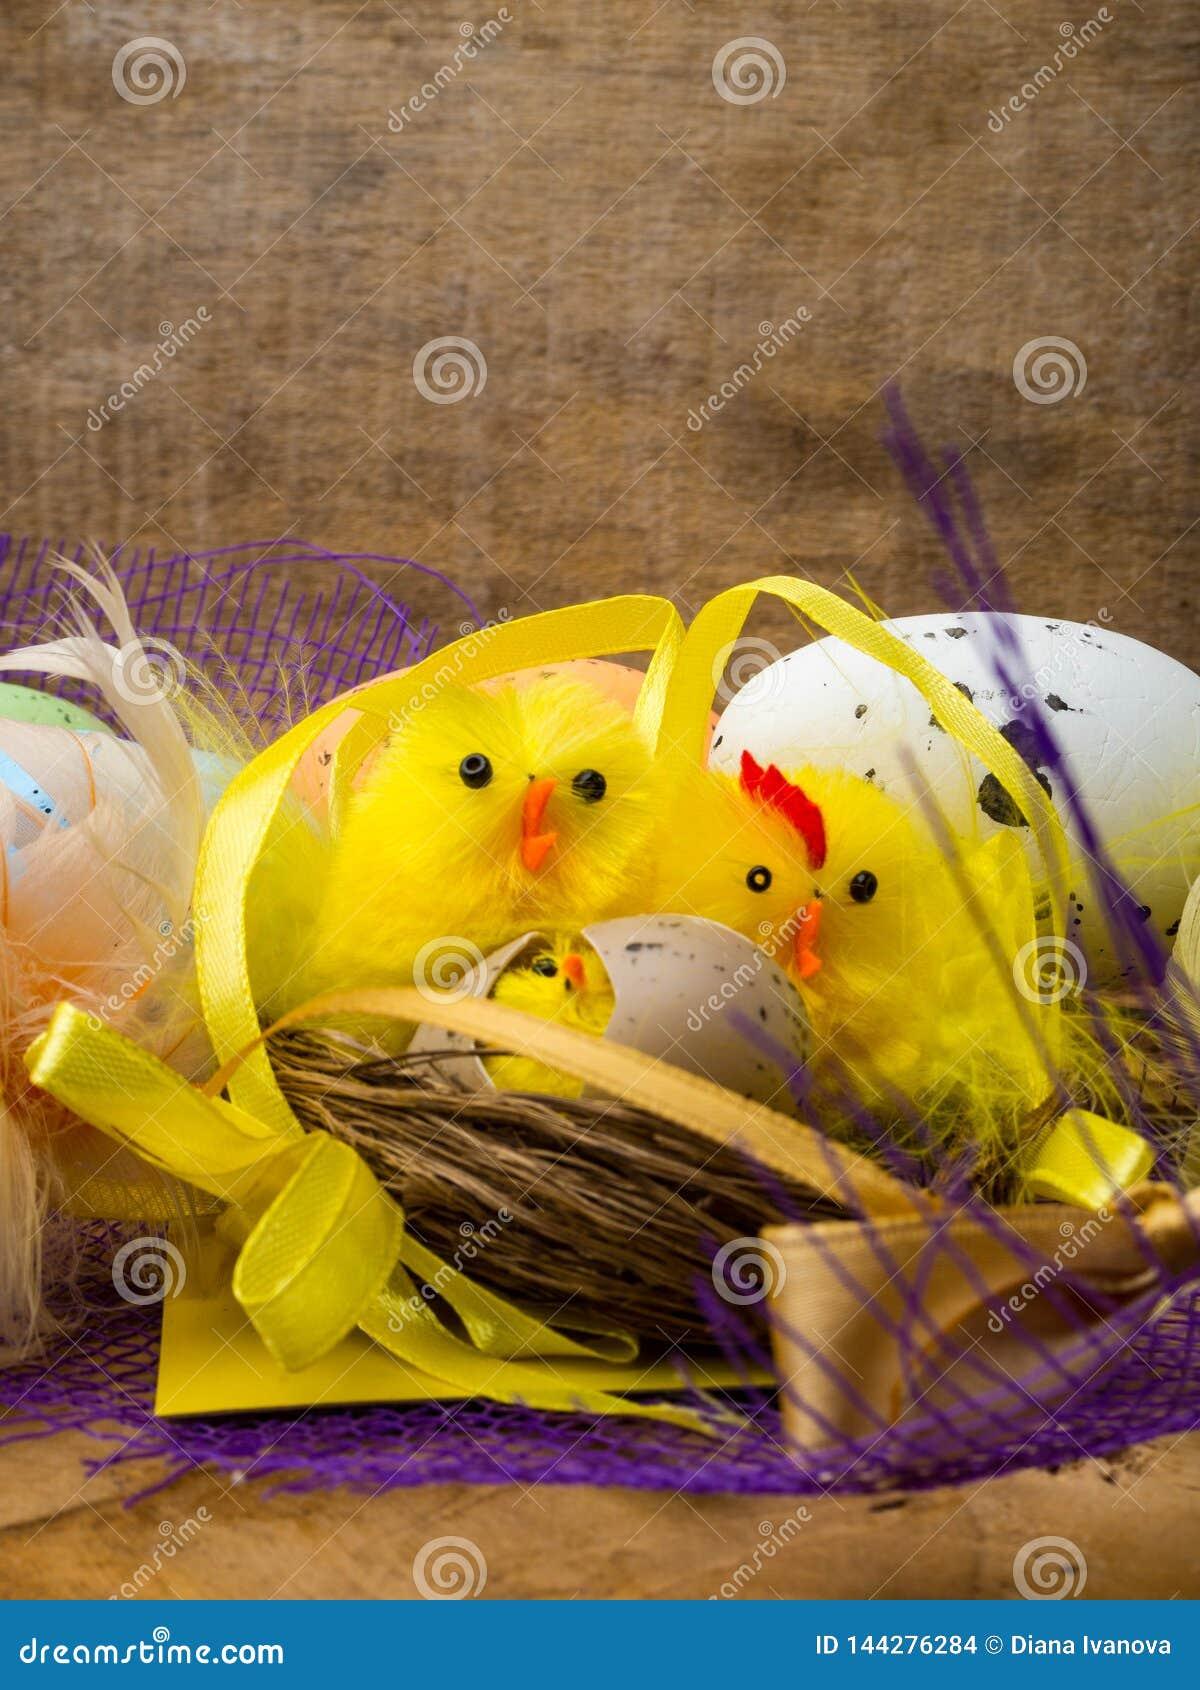 Bygga bo dekorativ sammansättning för påsken med gula hönor, färgägg och färgrika fjädrar på träbräde